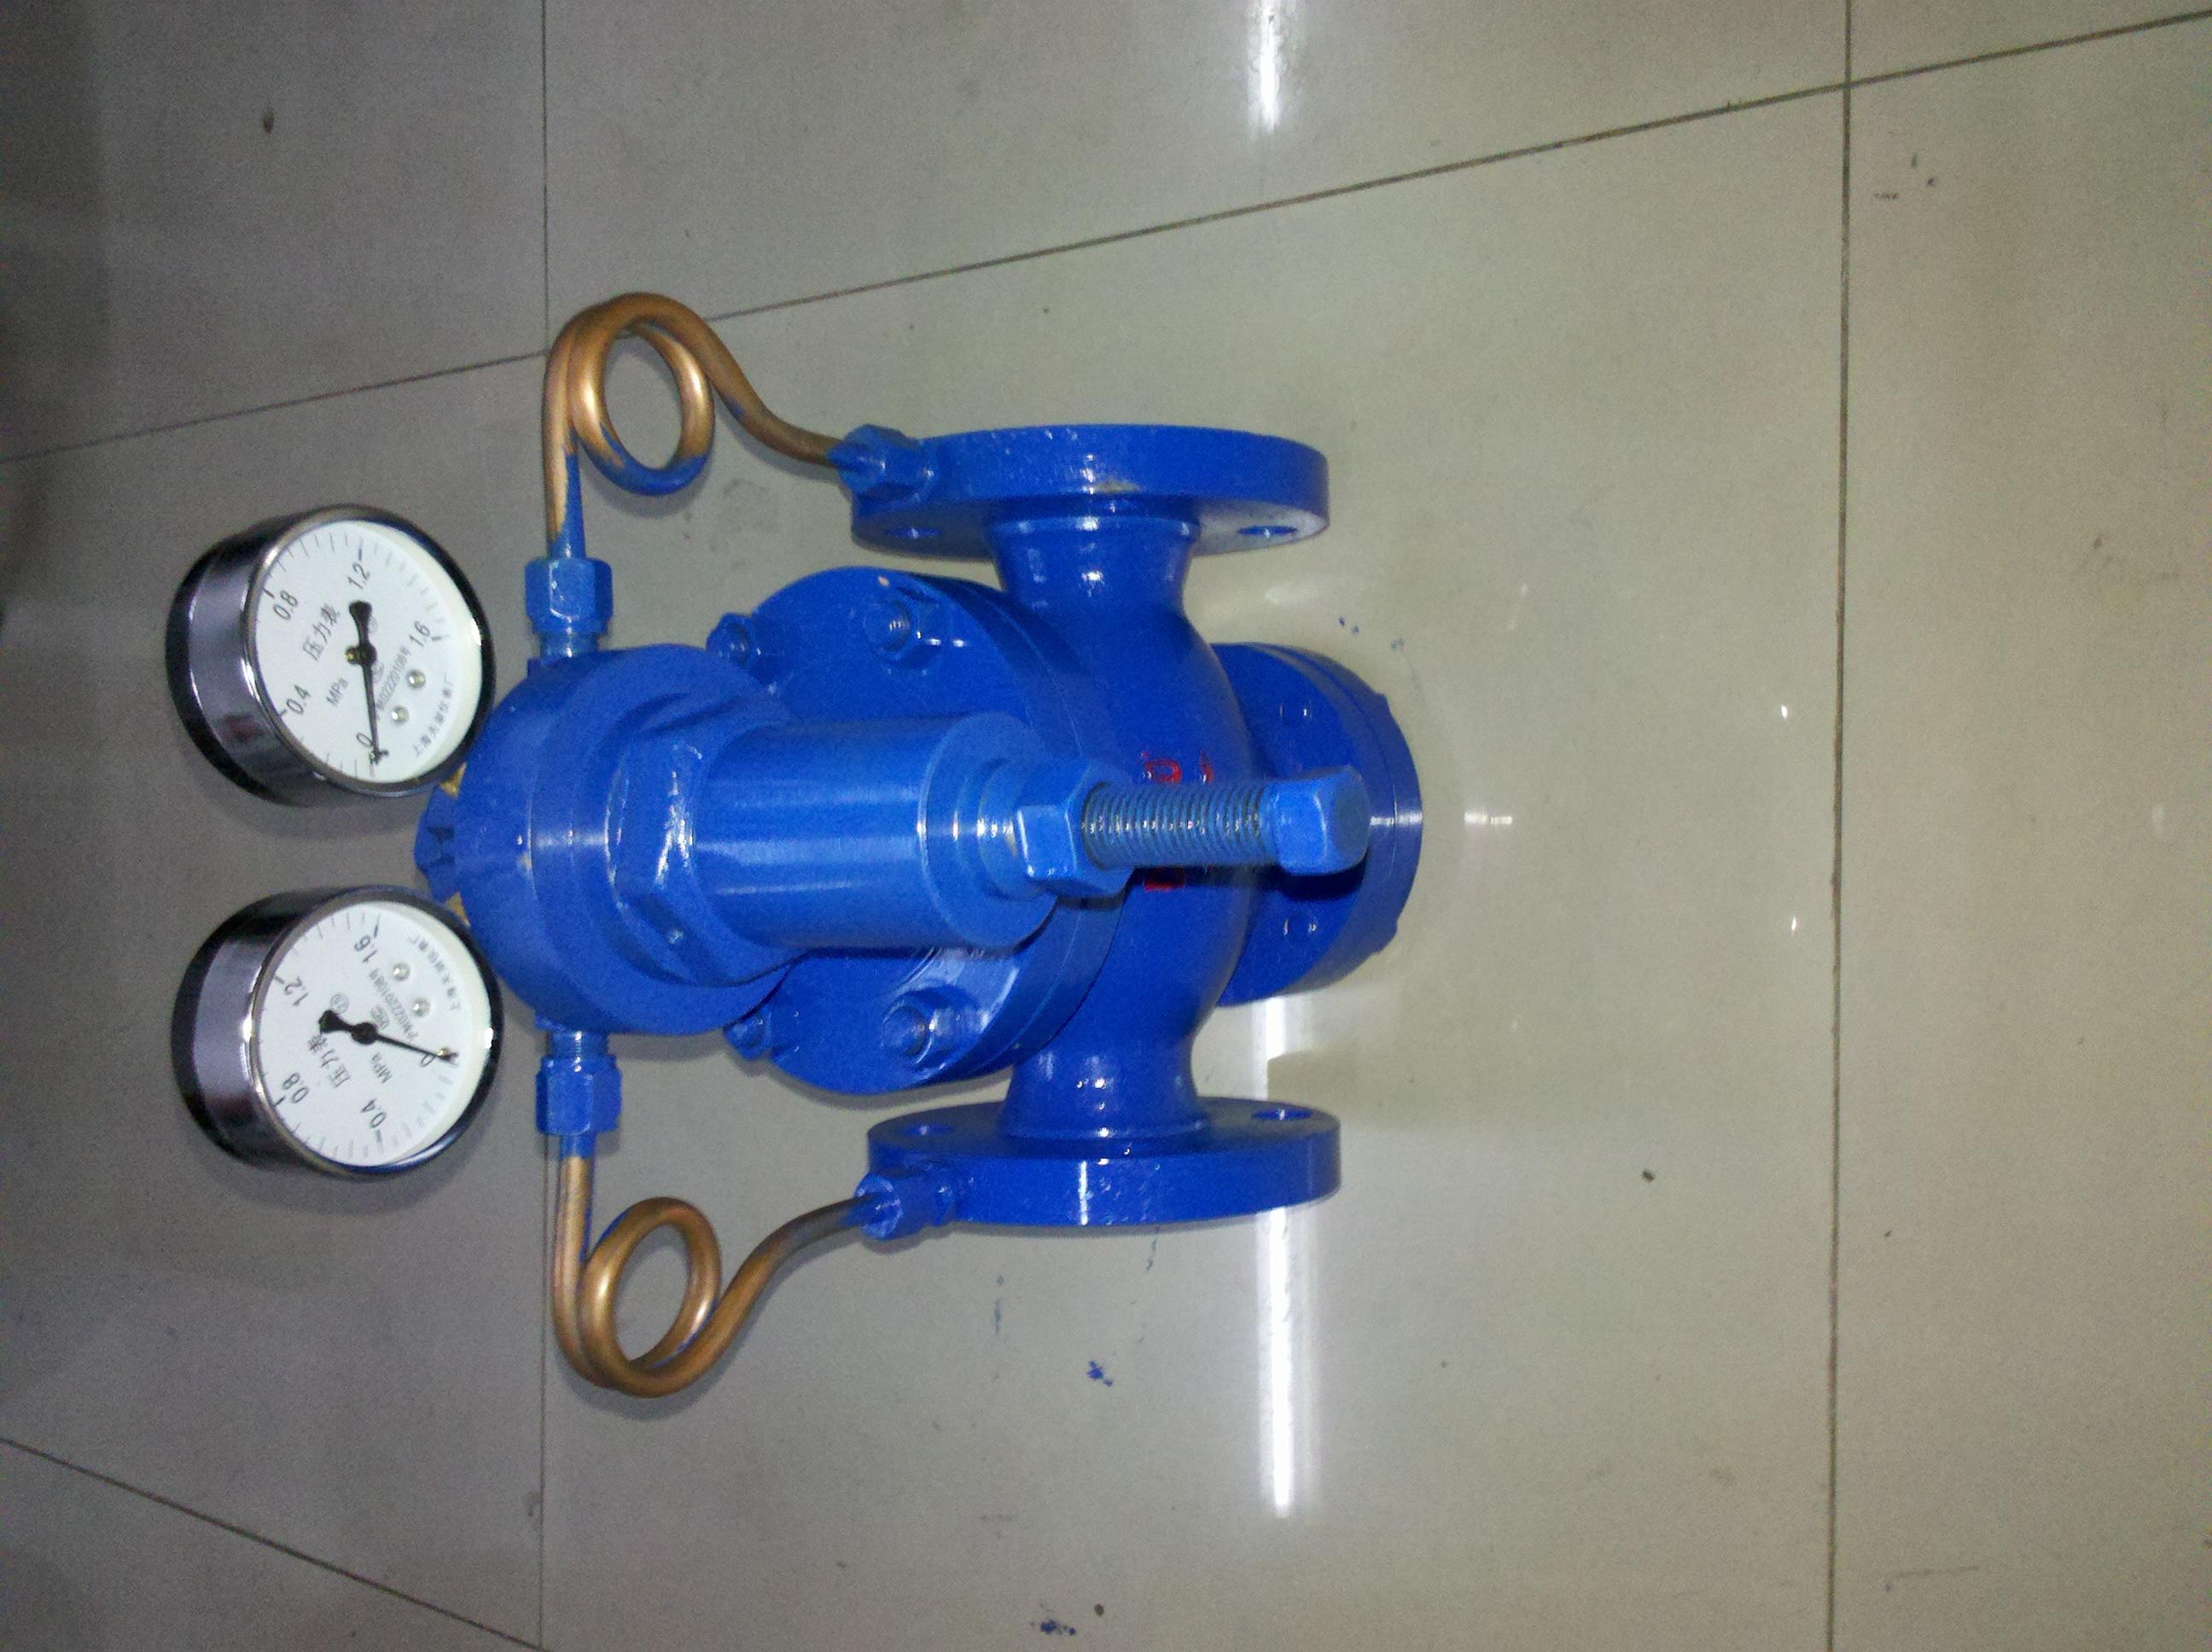 商易宝 产品列表 给水排水 阀门及配件 减温减压阀  点击查看原图图片